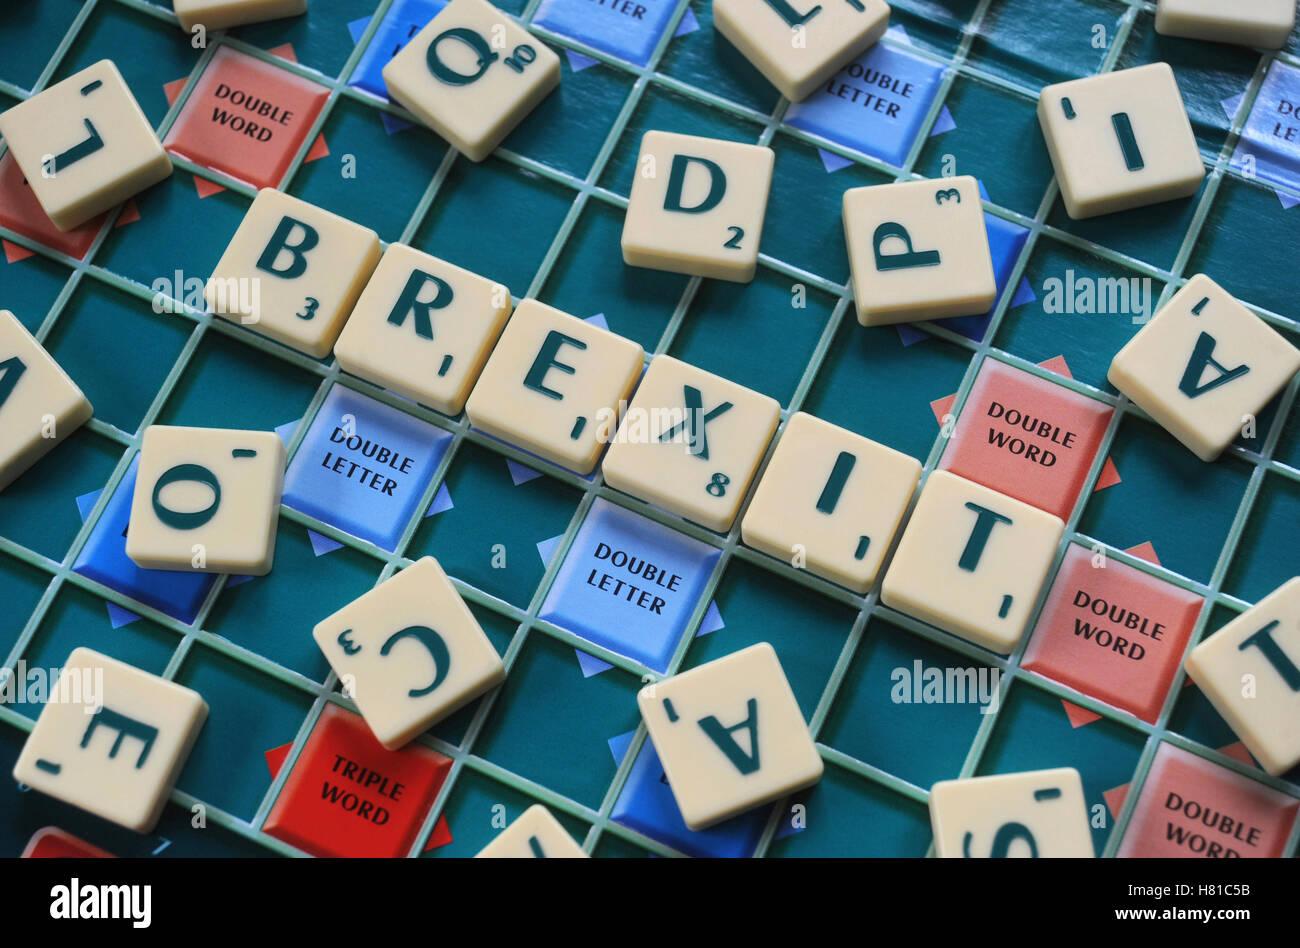 Juego De Palabras Scrabble Letras Brexit Re Brexit Dejando La